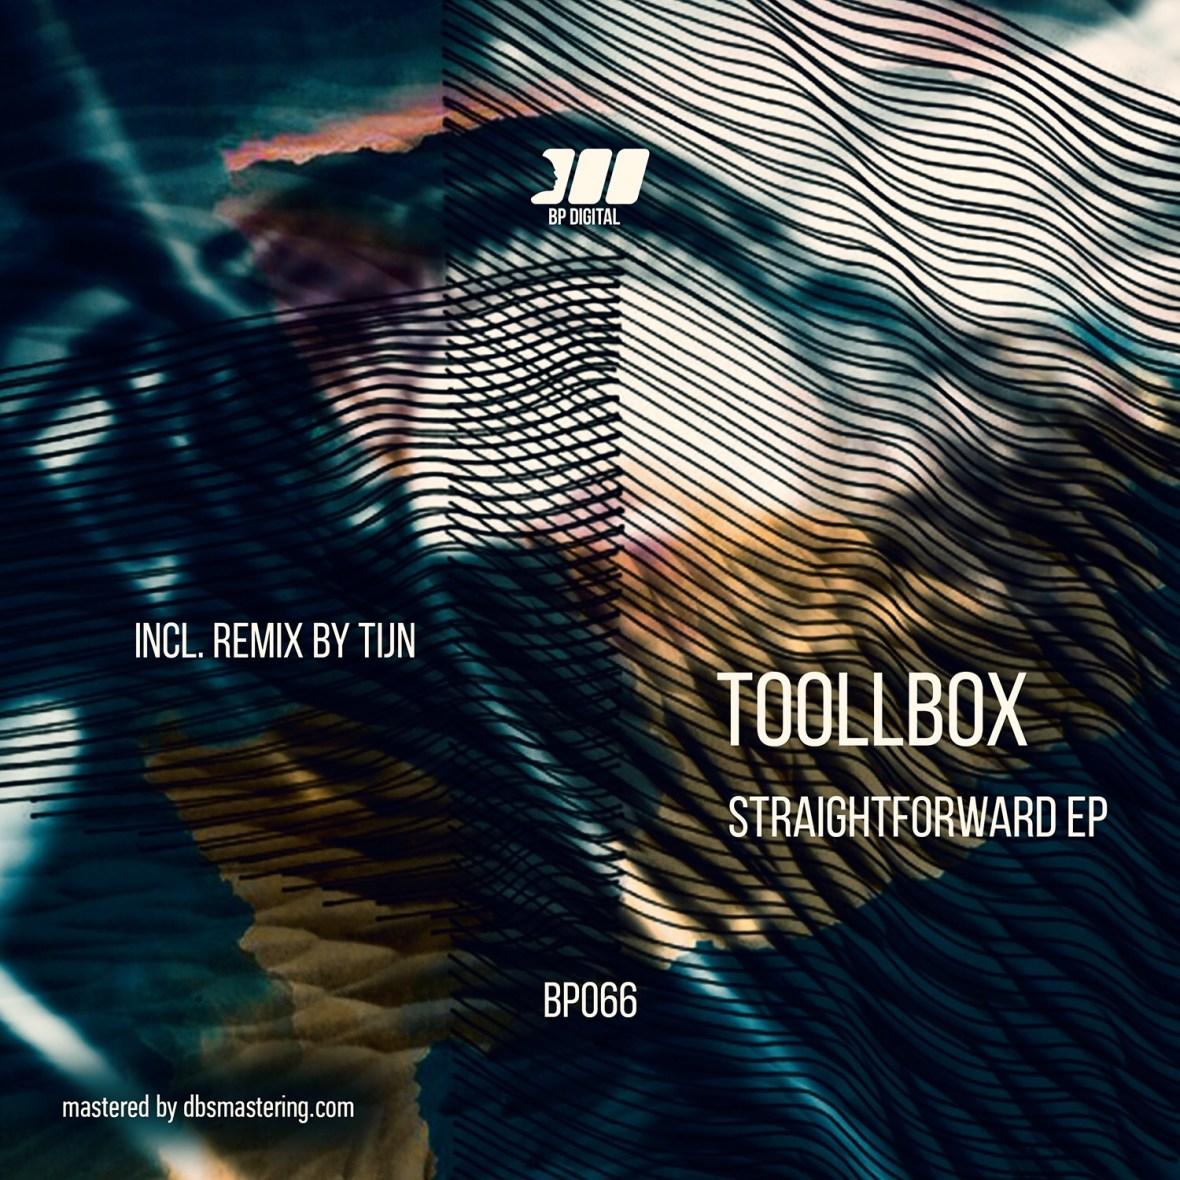 Premiere: Toollbox – Straightforward EP [BP066]